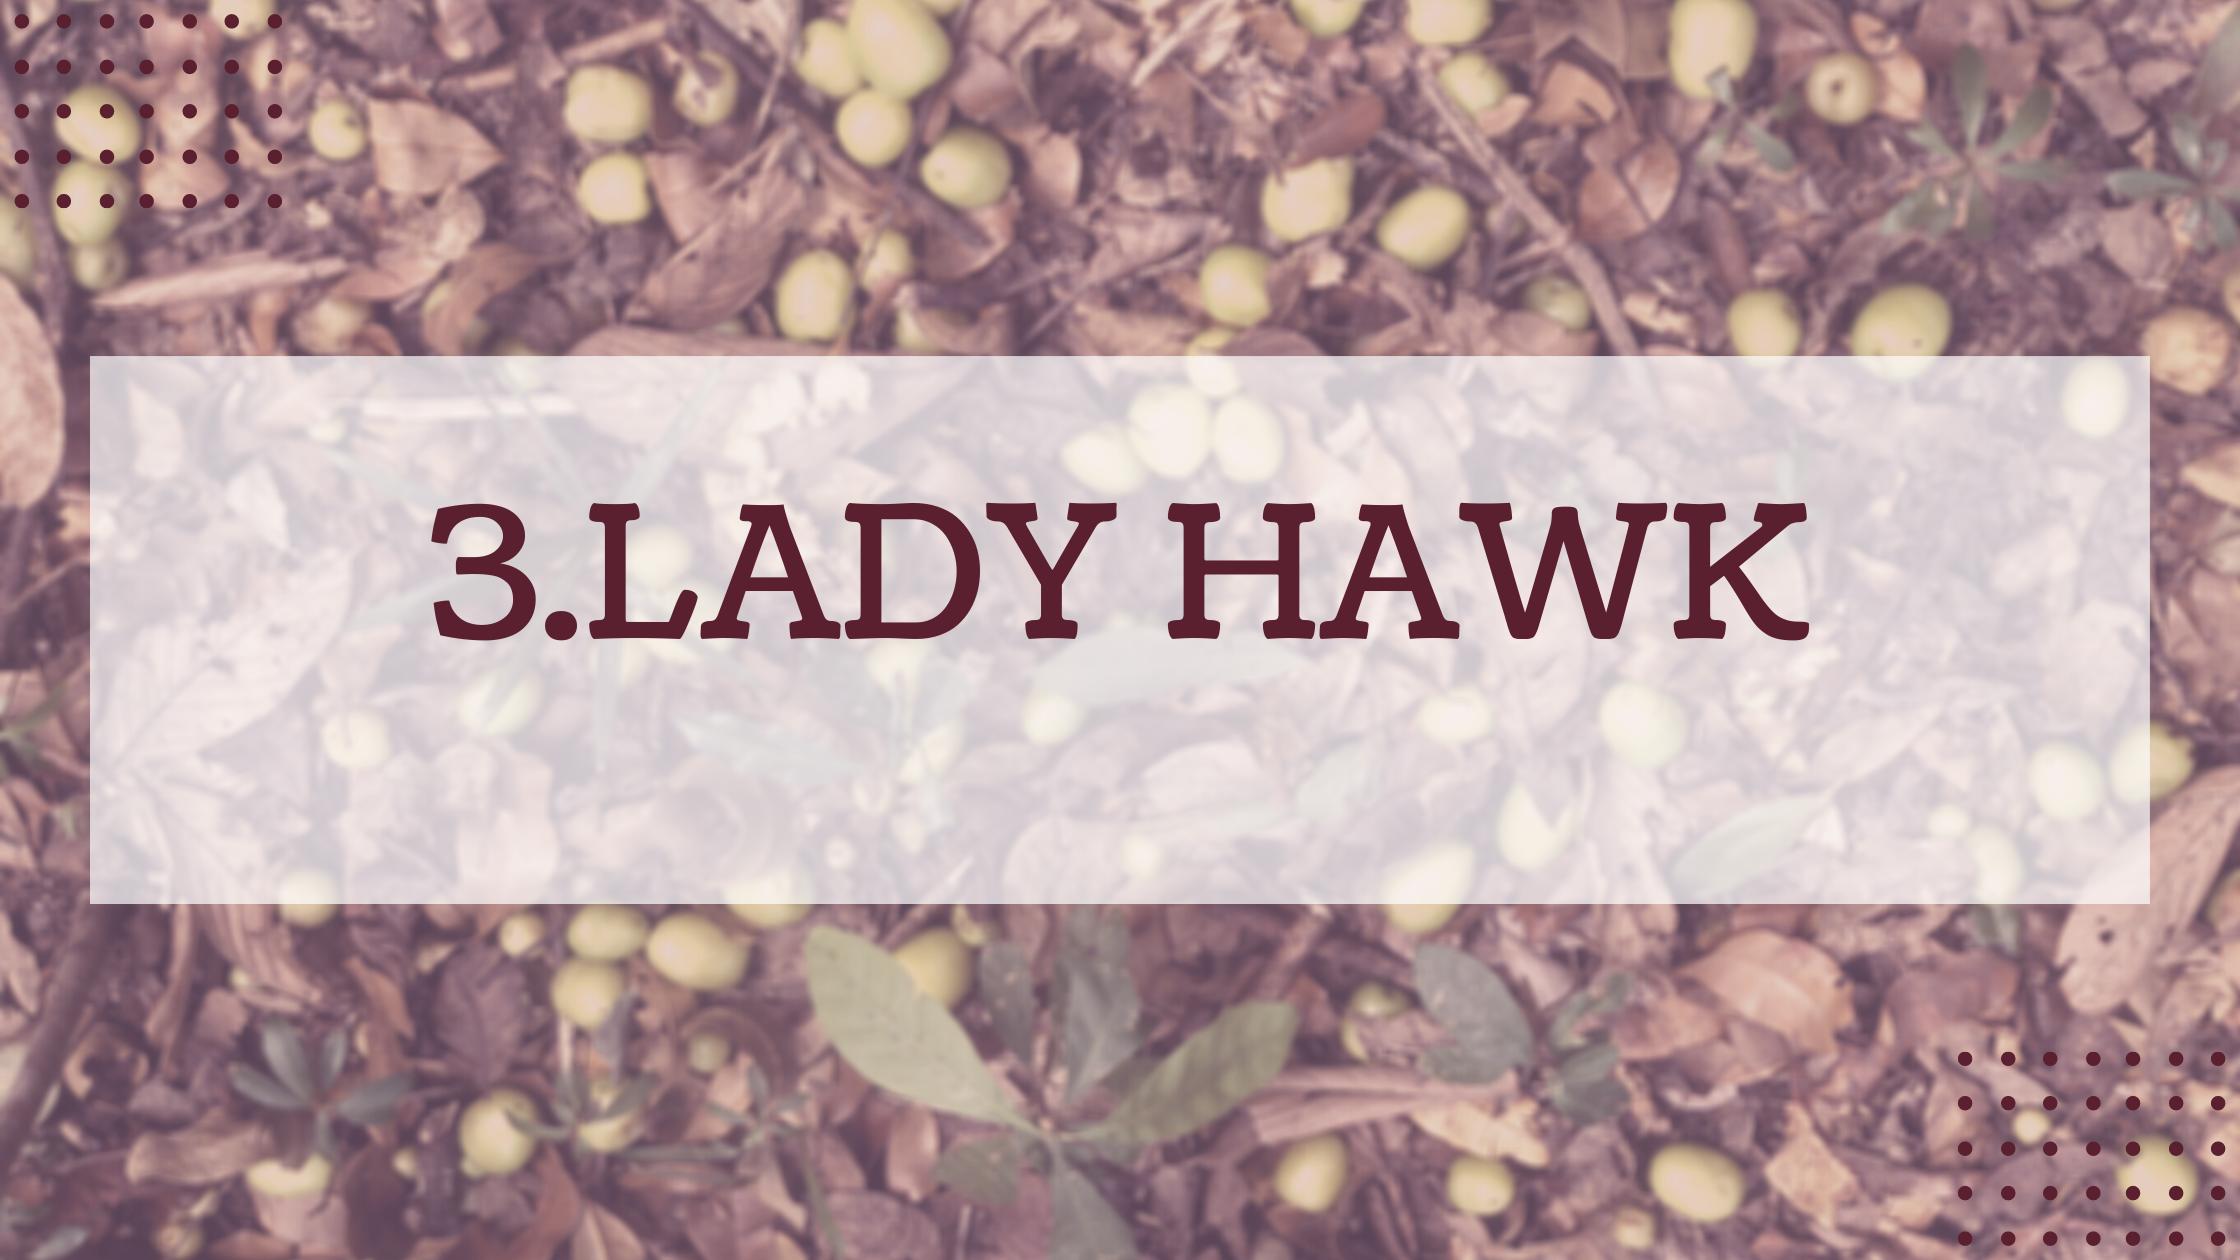 3.Lady Hawk